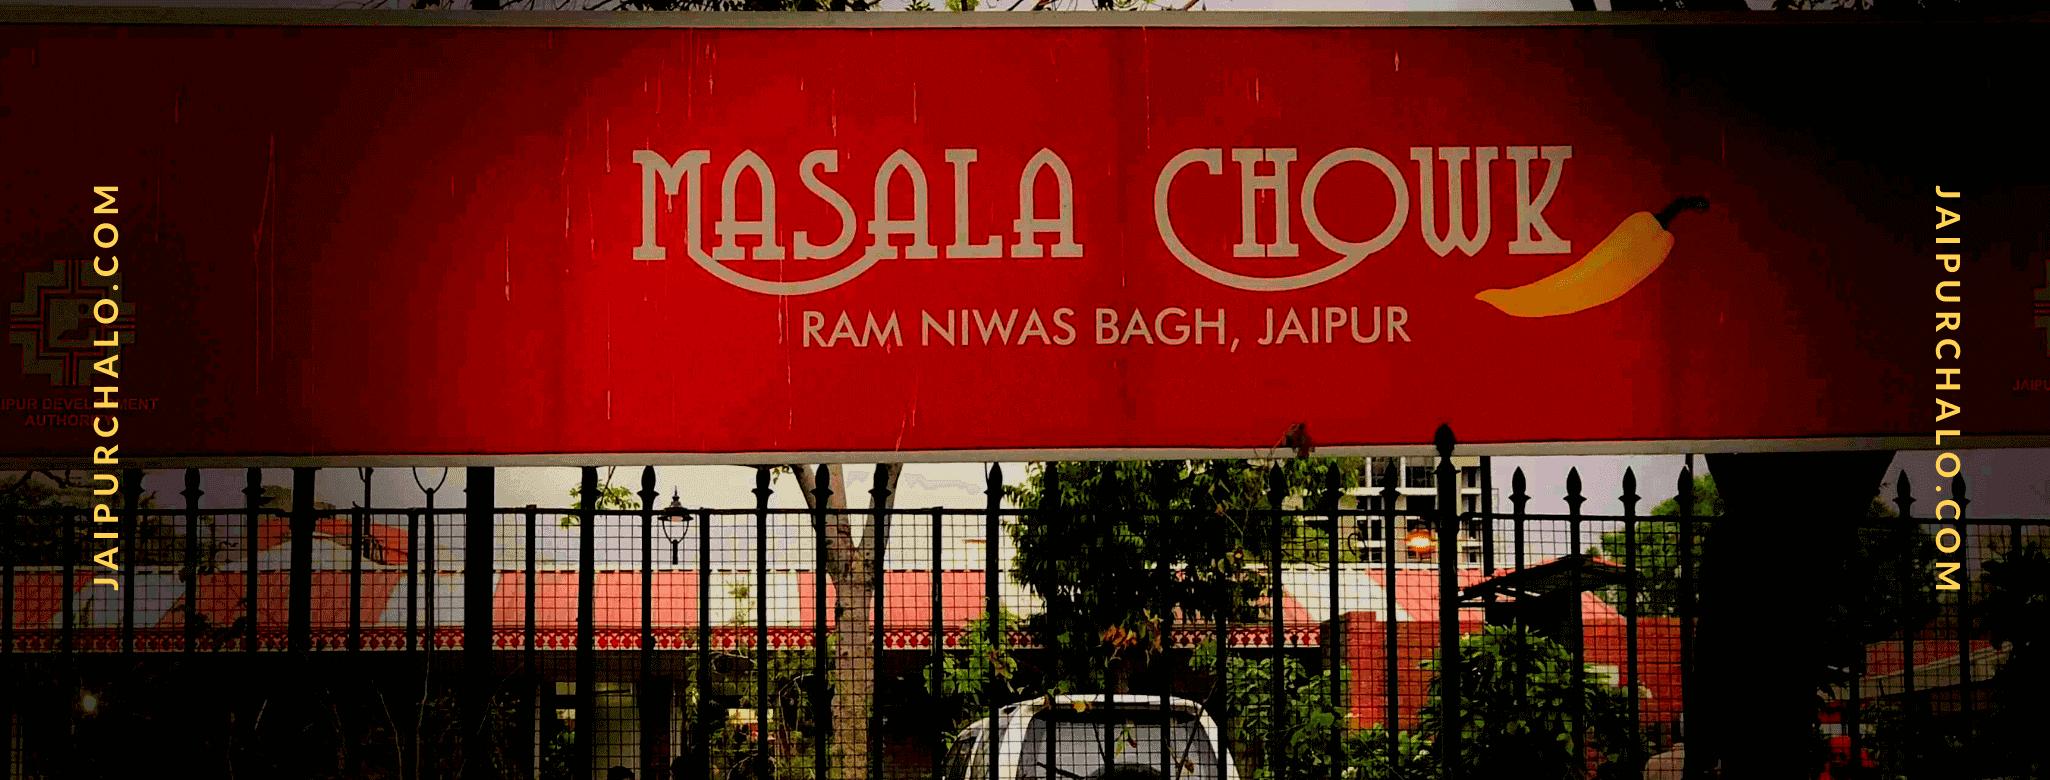 Masala Chowk Jaipur